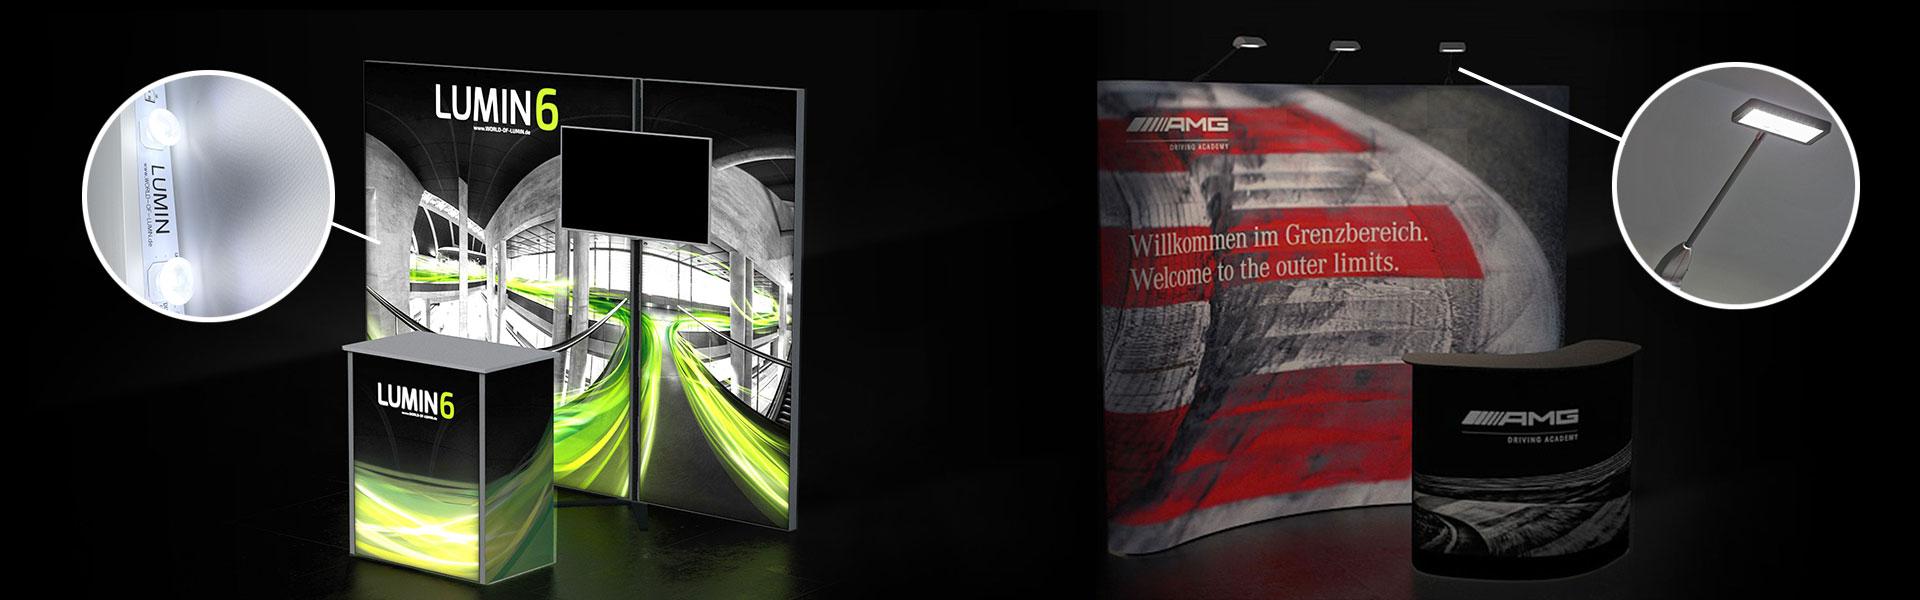 Vergleich Beleuchteter Messestand mit Hinterleuchtung und Faltwand mit LED Strahler